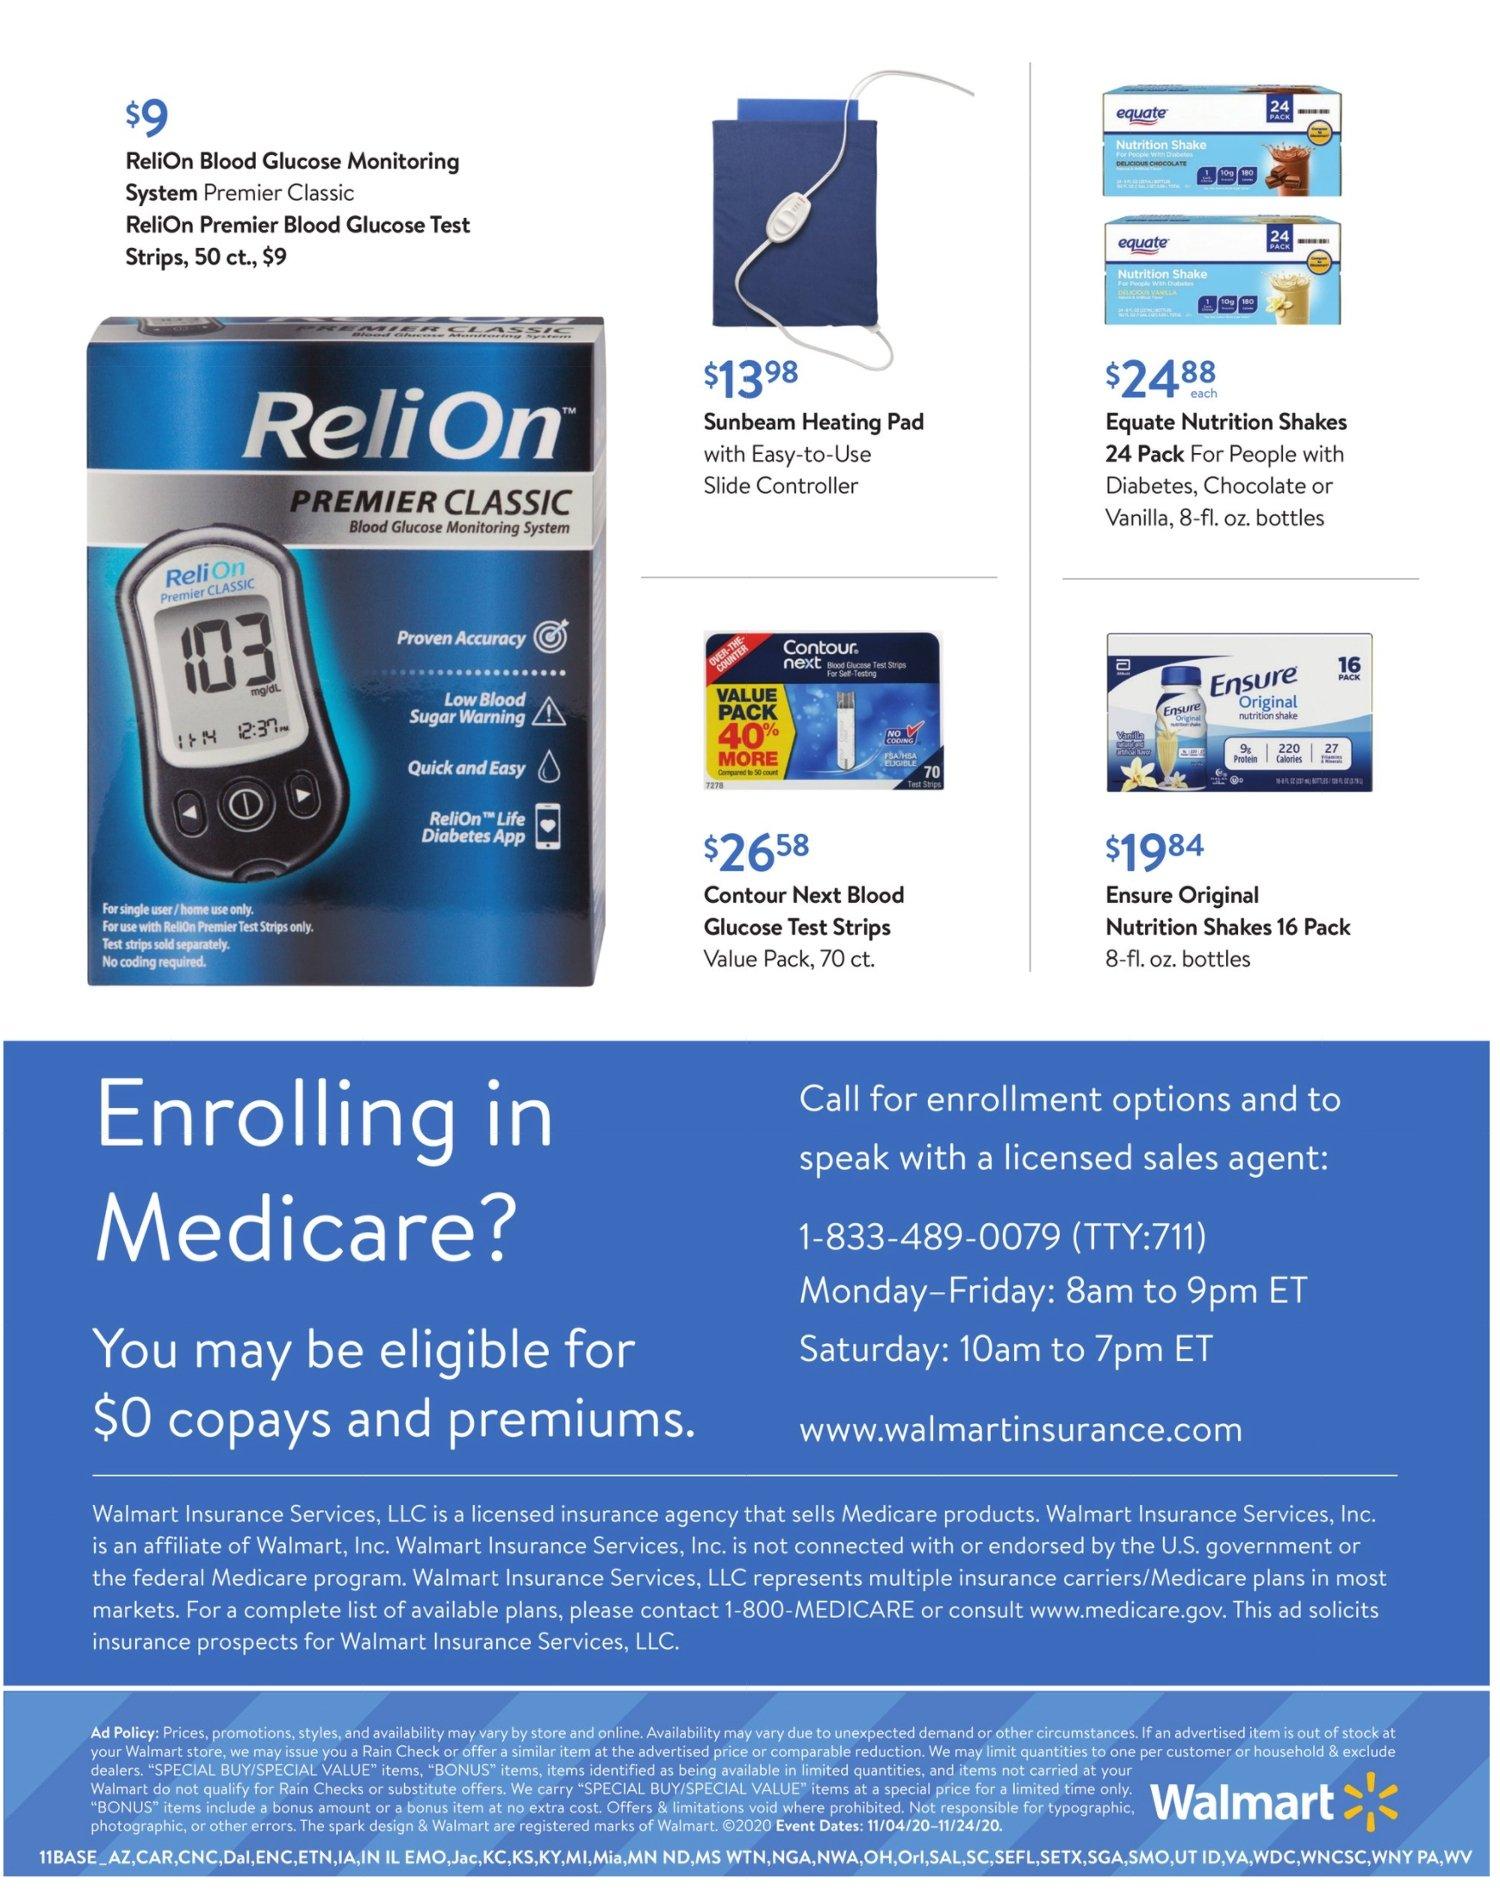 Walmart Weekly November 4 - 24, 2020 Page 11